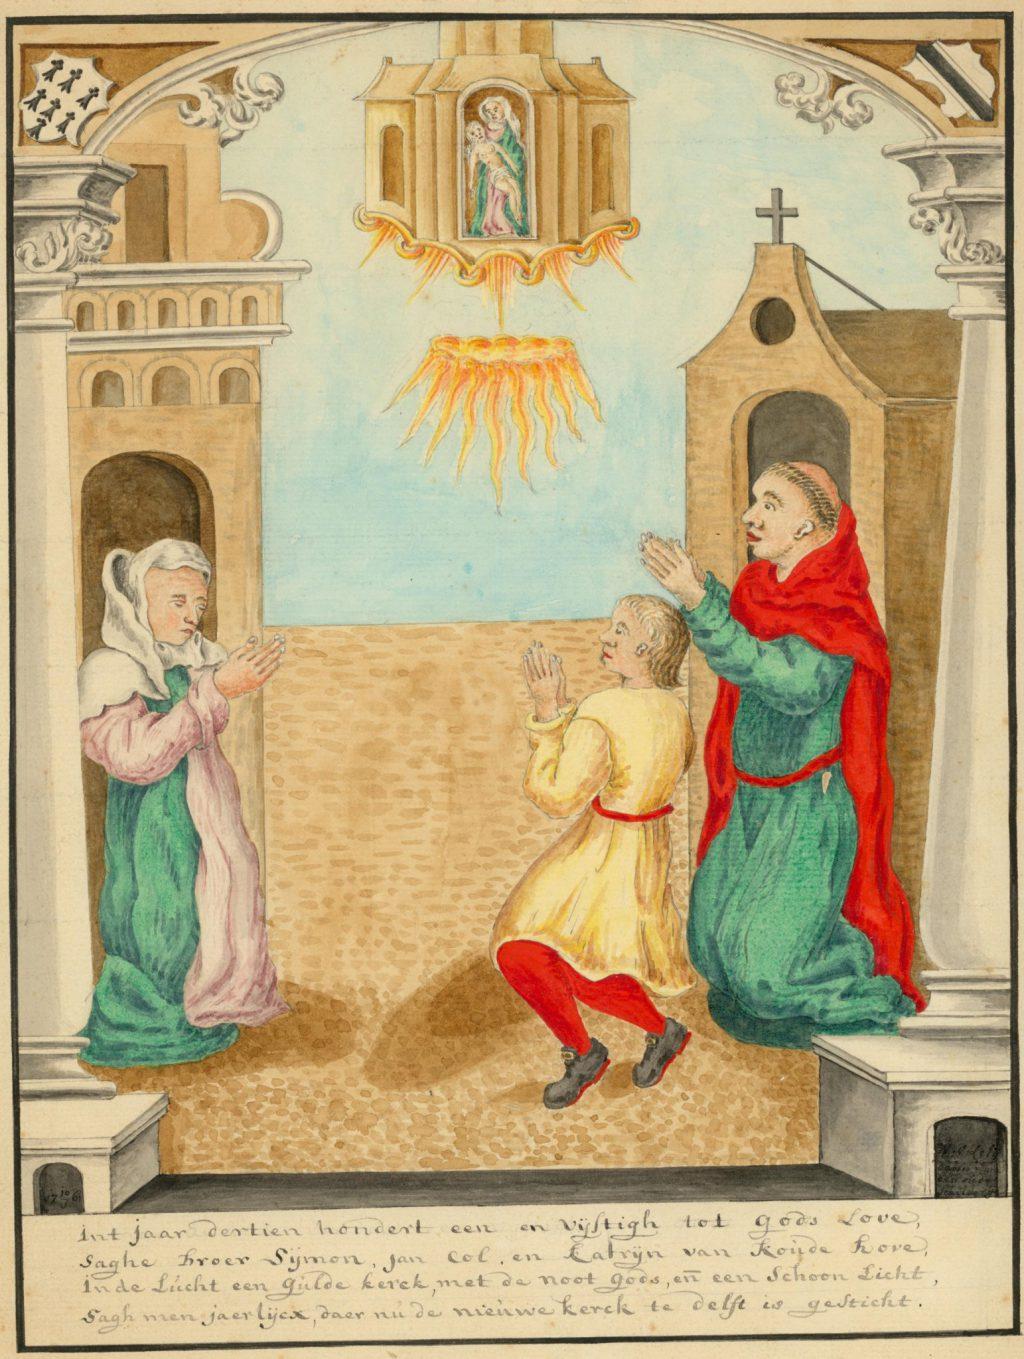 Tekening van het visioen van de Nieuwe Kerk. Rechts broeder Simon en Jan Col, links de begijn jonkvrouwe Catharina van Coudenhove, die het visioen ook zou hebben gezien. Willem van der Lelij, 1761. (TMS 6781)]